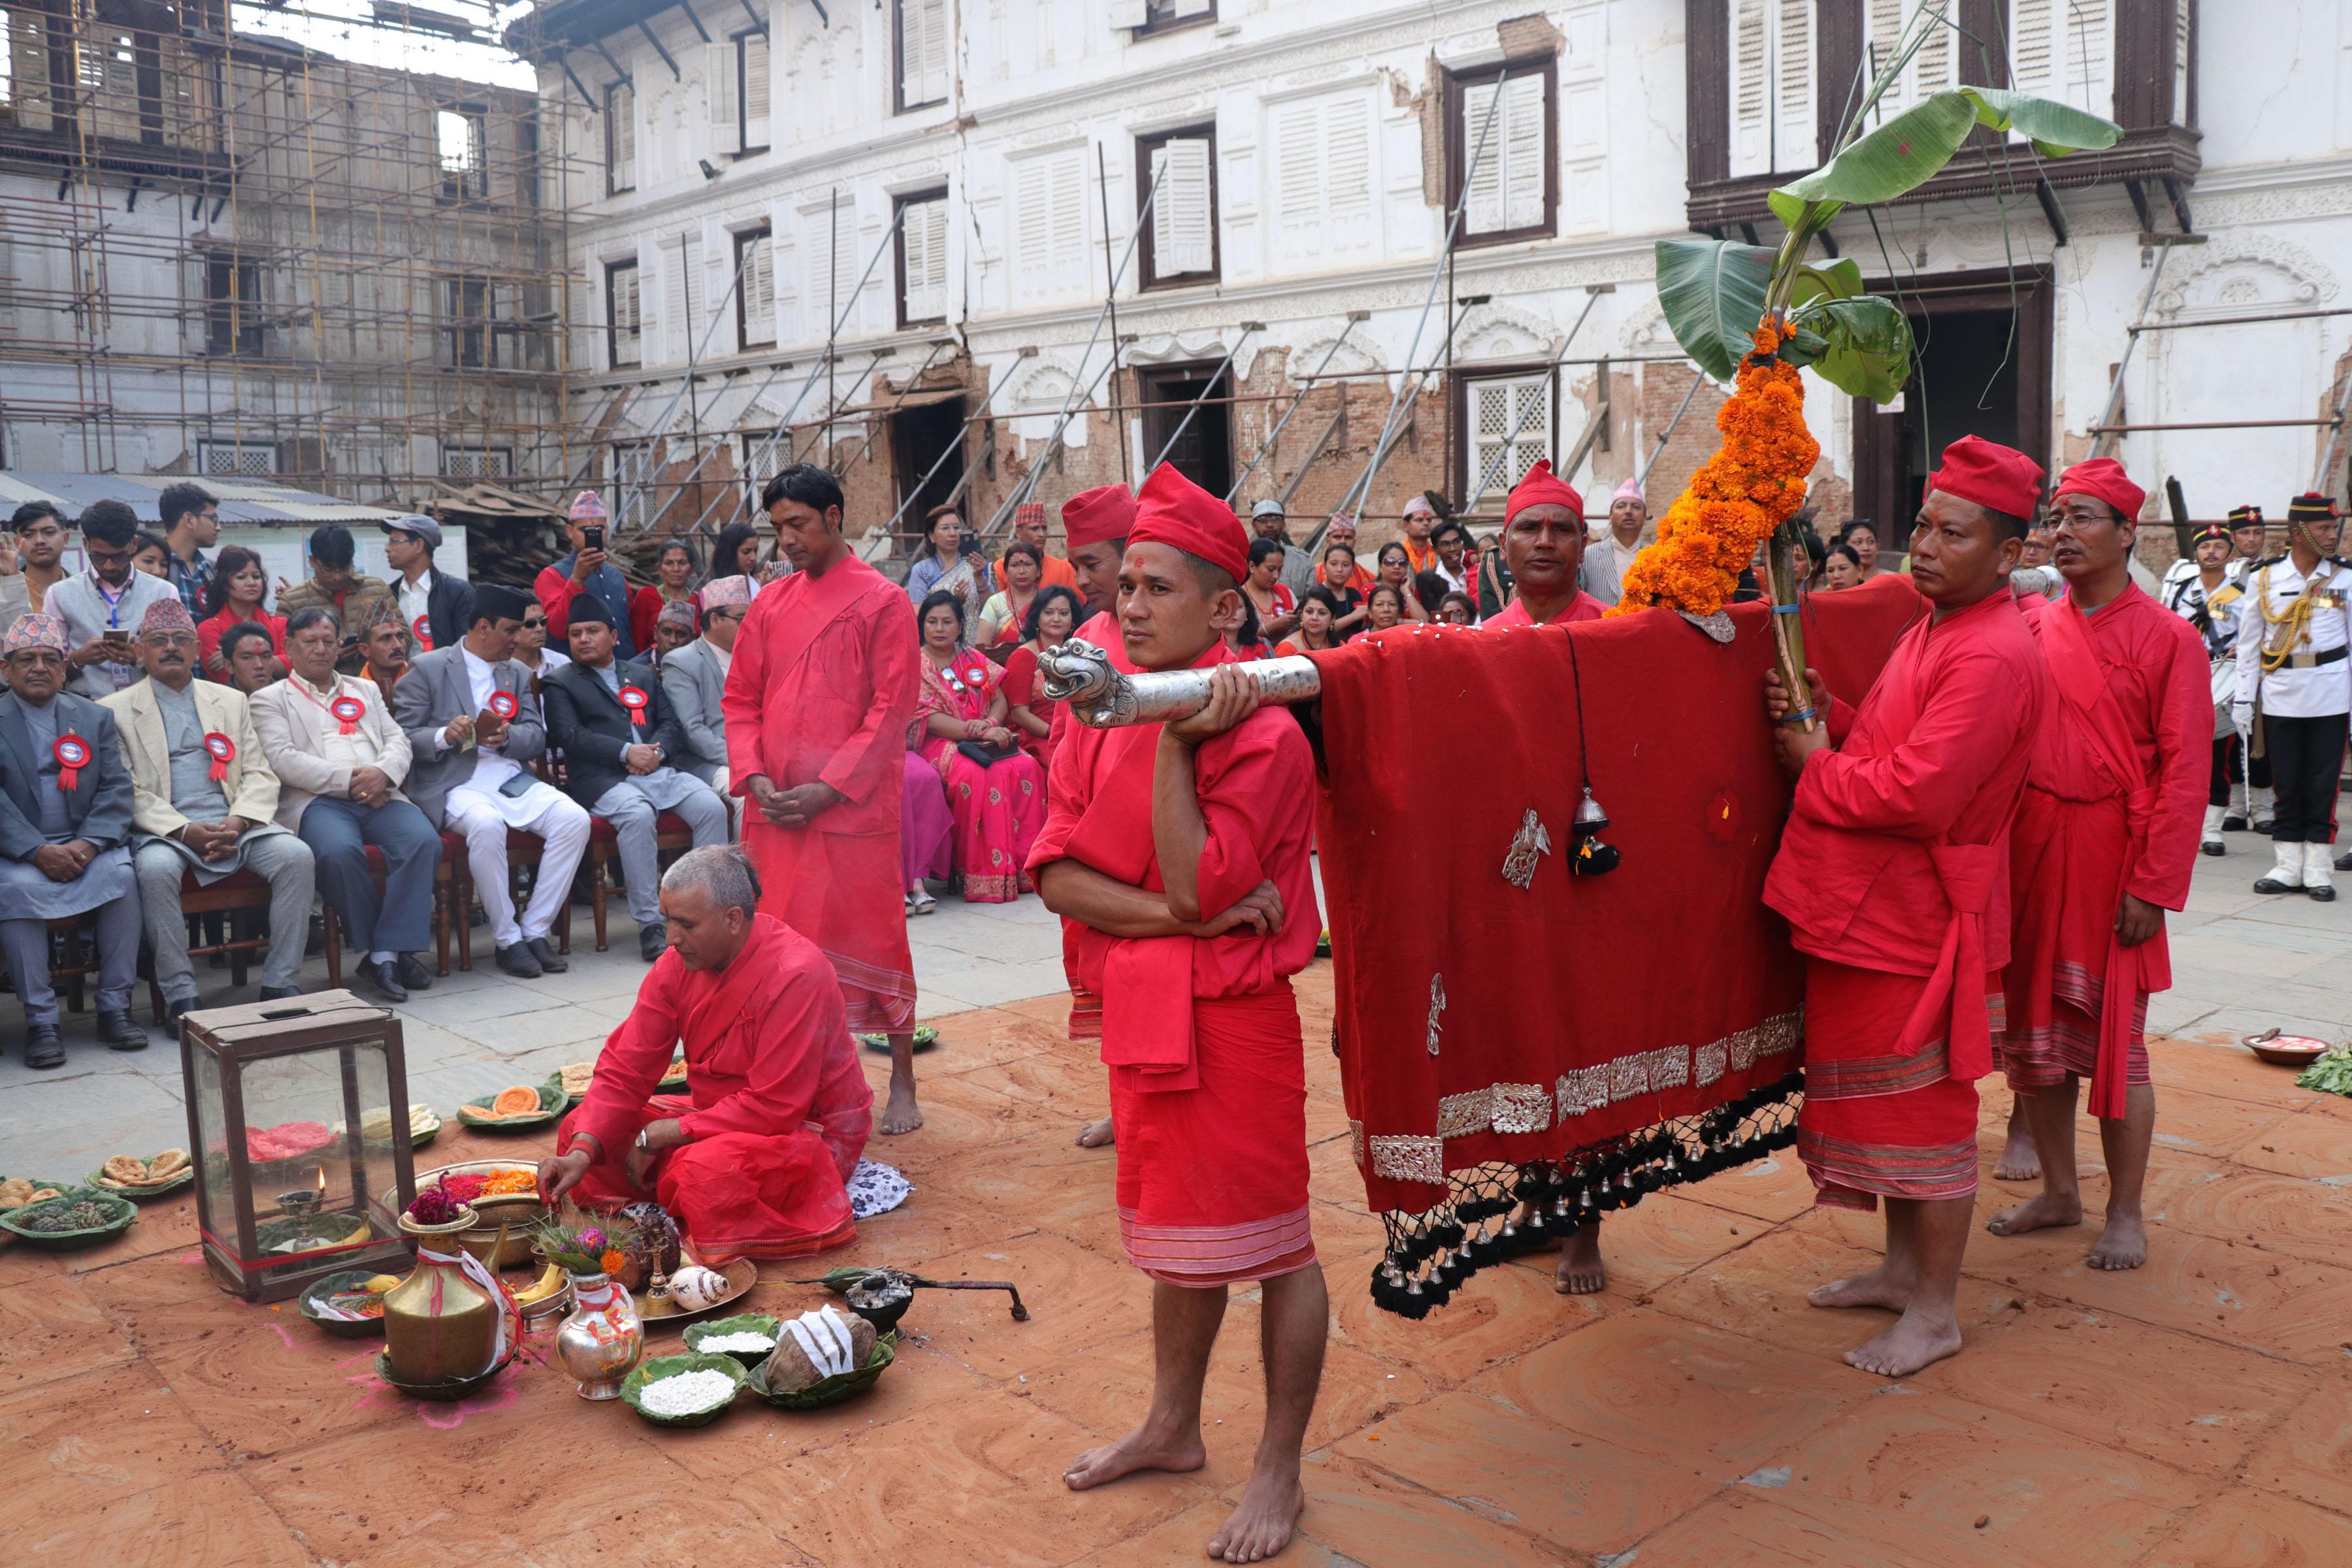 दशैंघरमा भित्र्याइयो फूलपाती, चामुण्डा देवीको विशेष पूजा